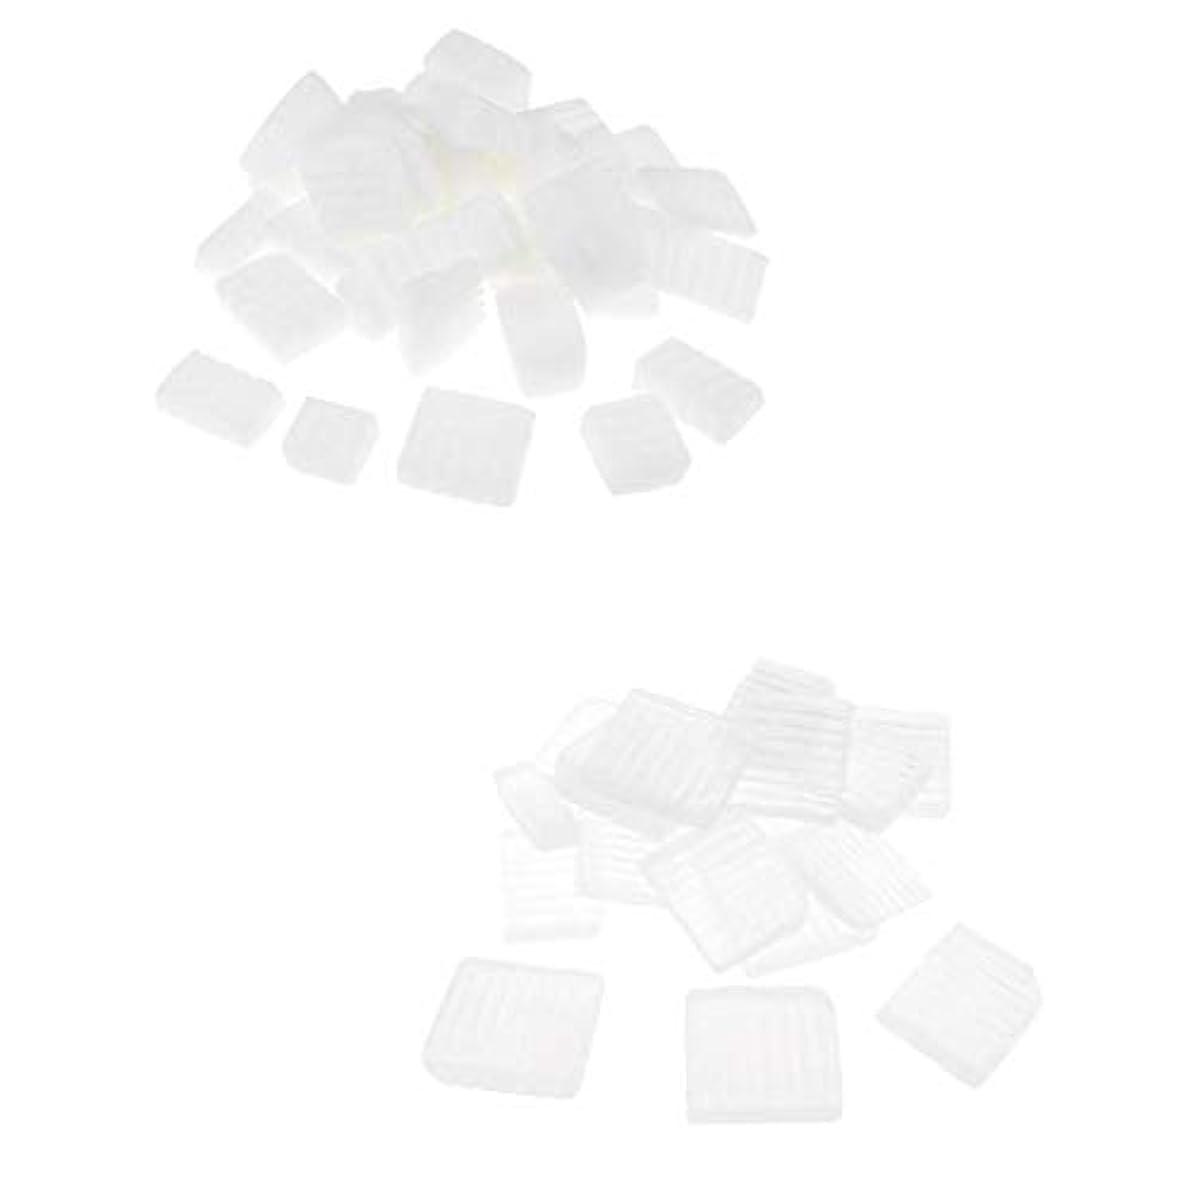 勤勉な移動火山学Perfeclan 固形せっけん ホワイト透明 手芸 バス用品 手作り ハンドメイド 石鹸製造 安全健康 2種混合